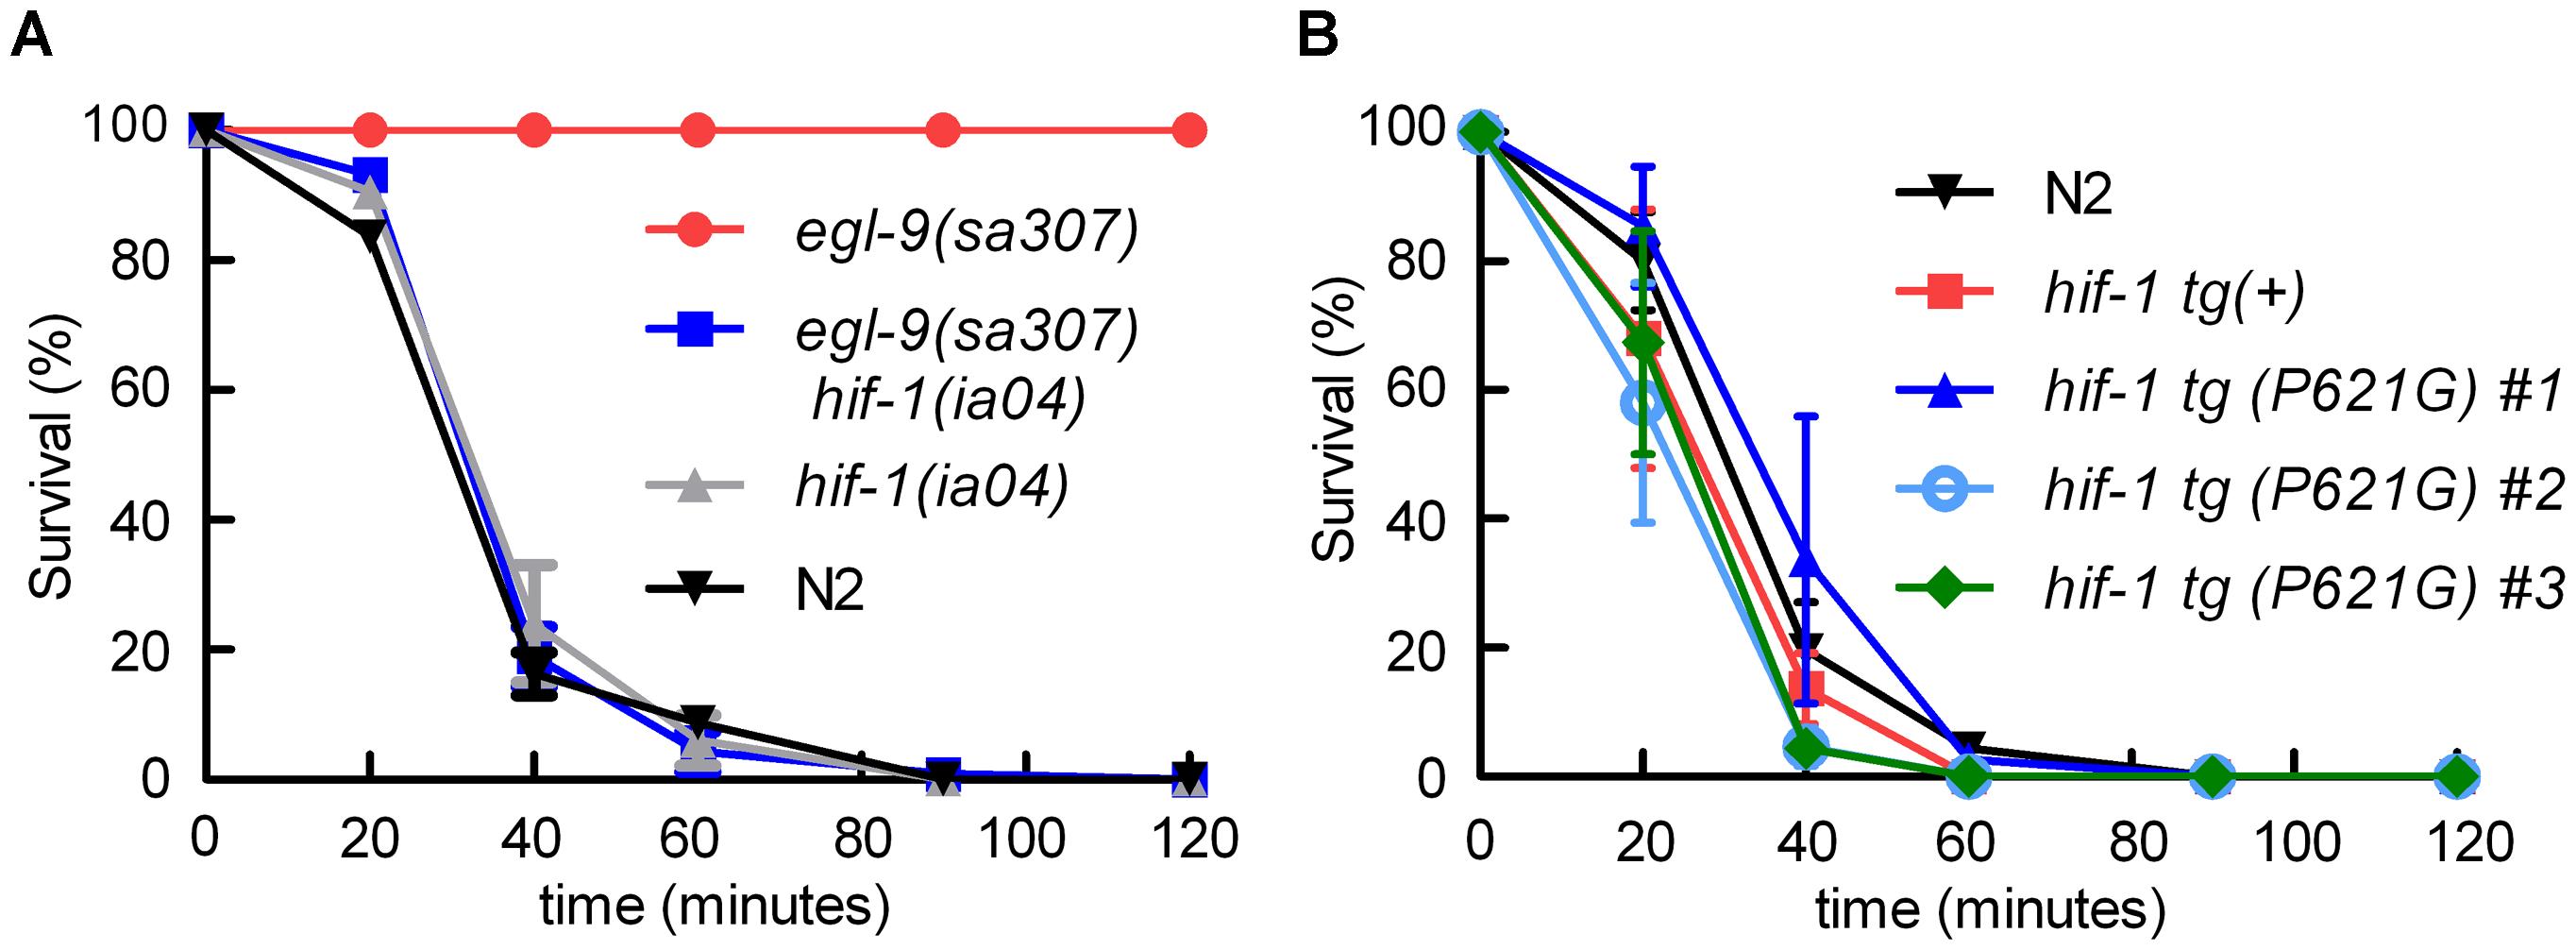 <i>egl-9</i>-mediated resistance to <i>Pseudomonas aeruginosa</i> PAO1 fast killing is mediated by <i>hif-1</i>.